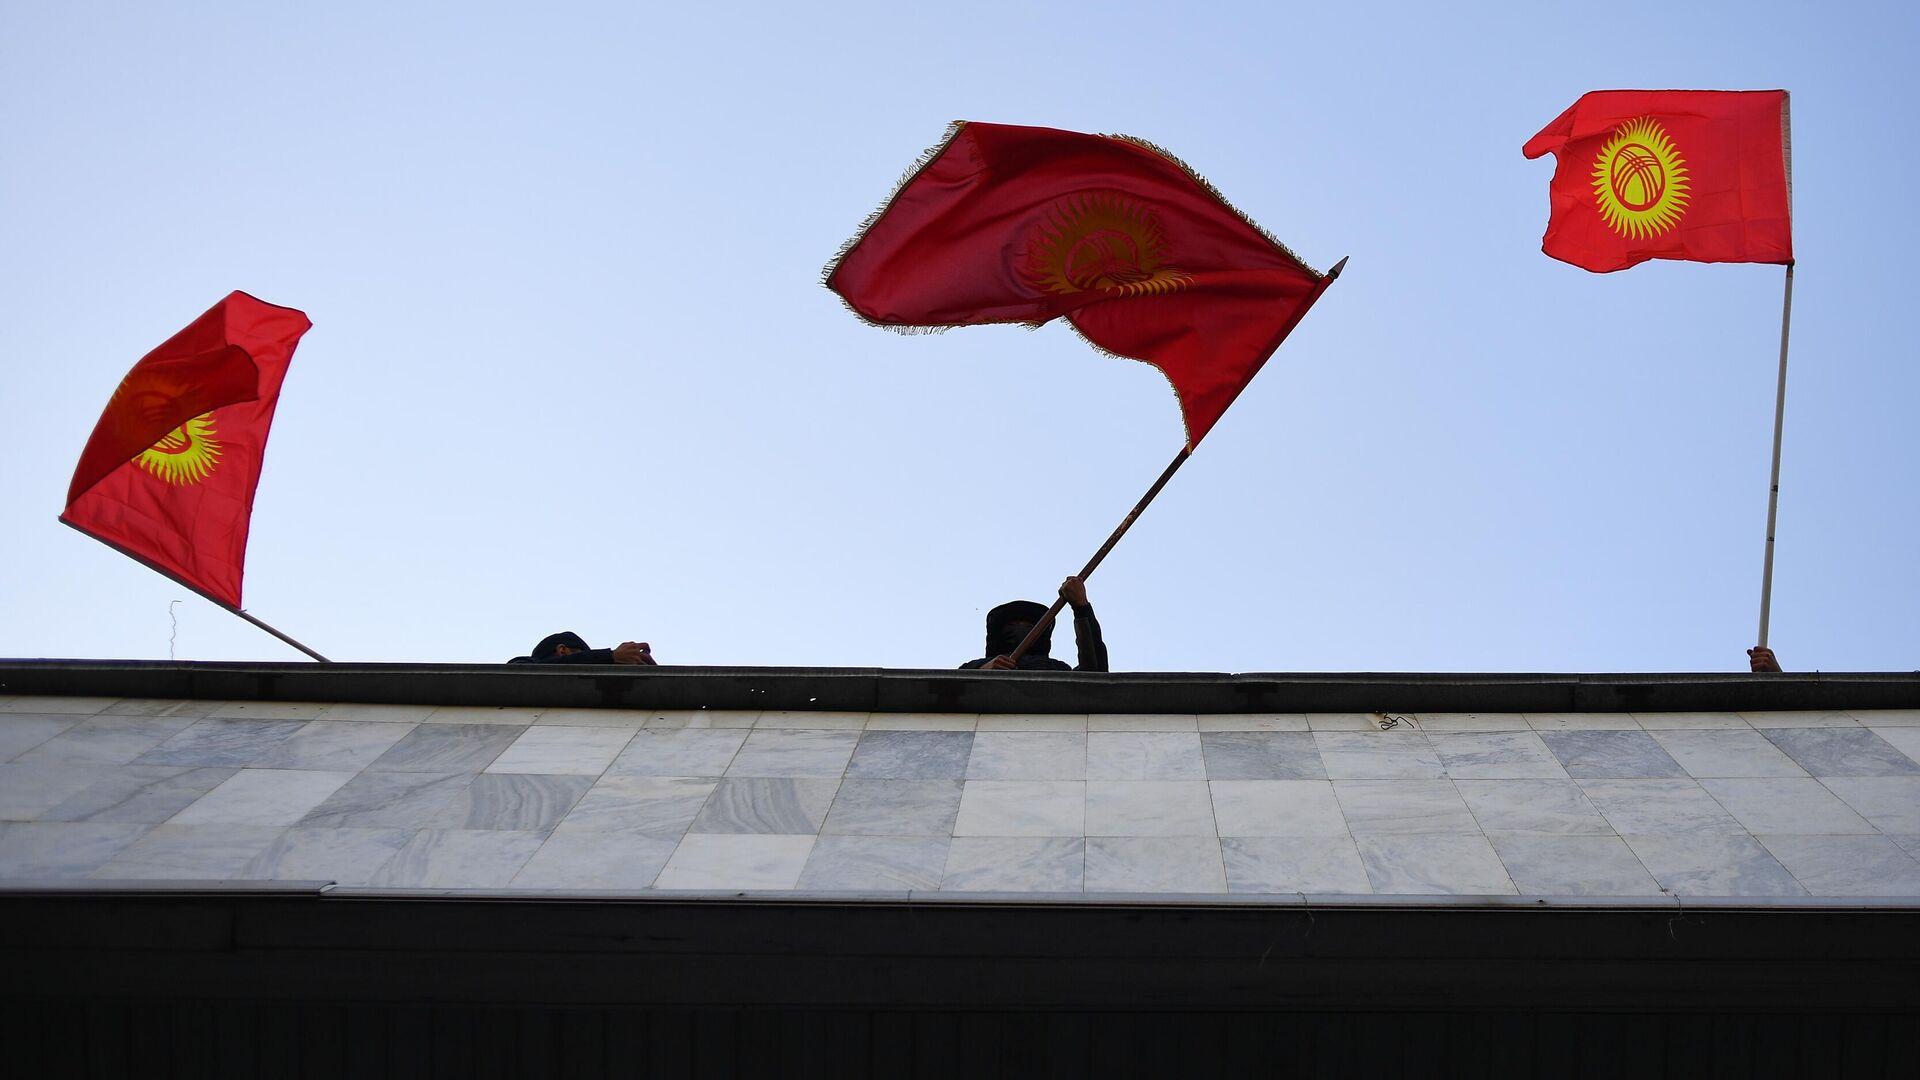 Сторонники премьер-министра Садыра Жапарова на митинге у гостиницы Иссык-Куль в Бишкеке - РИА Новости, 1920, 22.10.2020